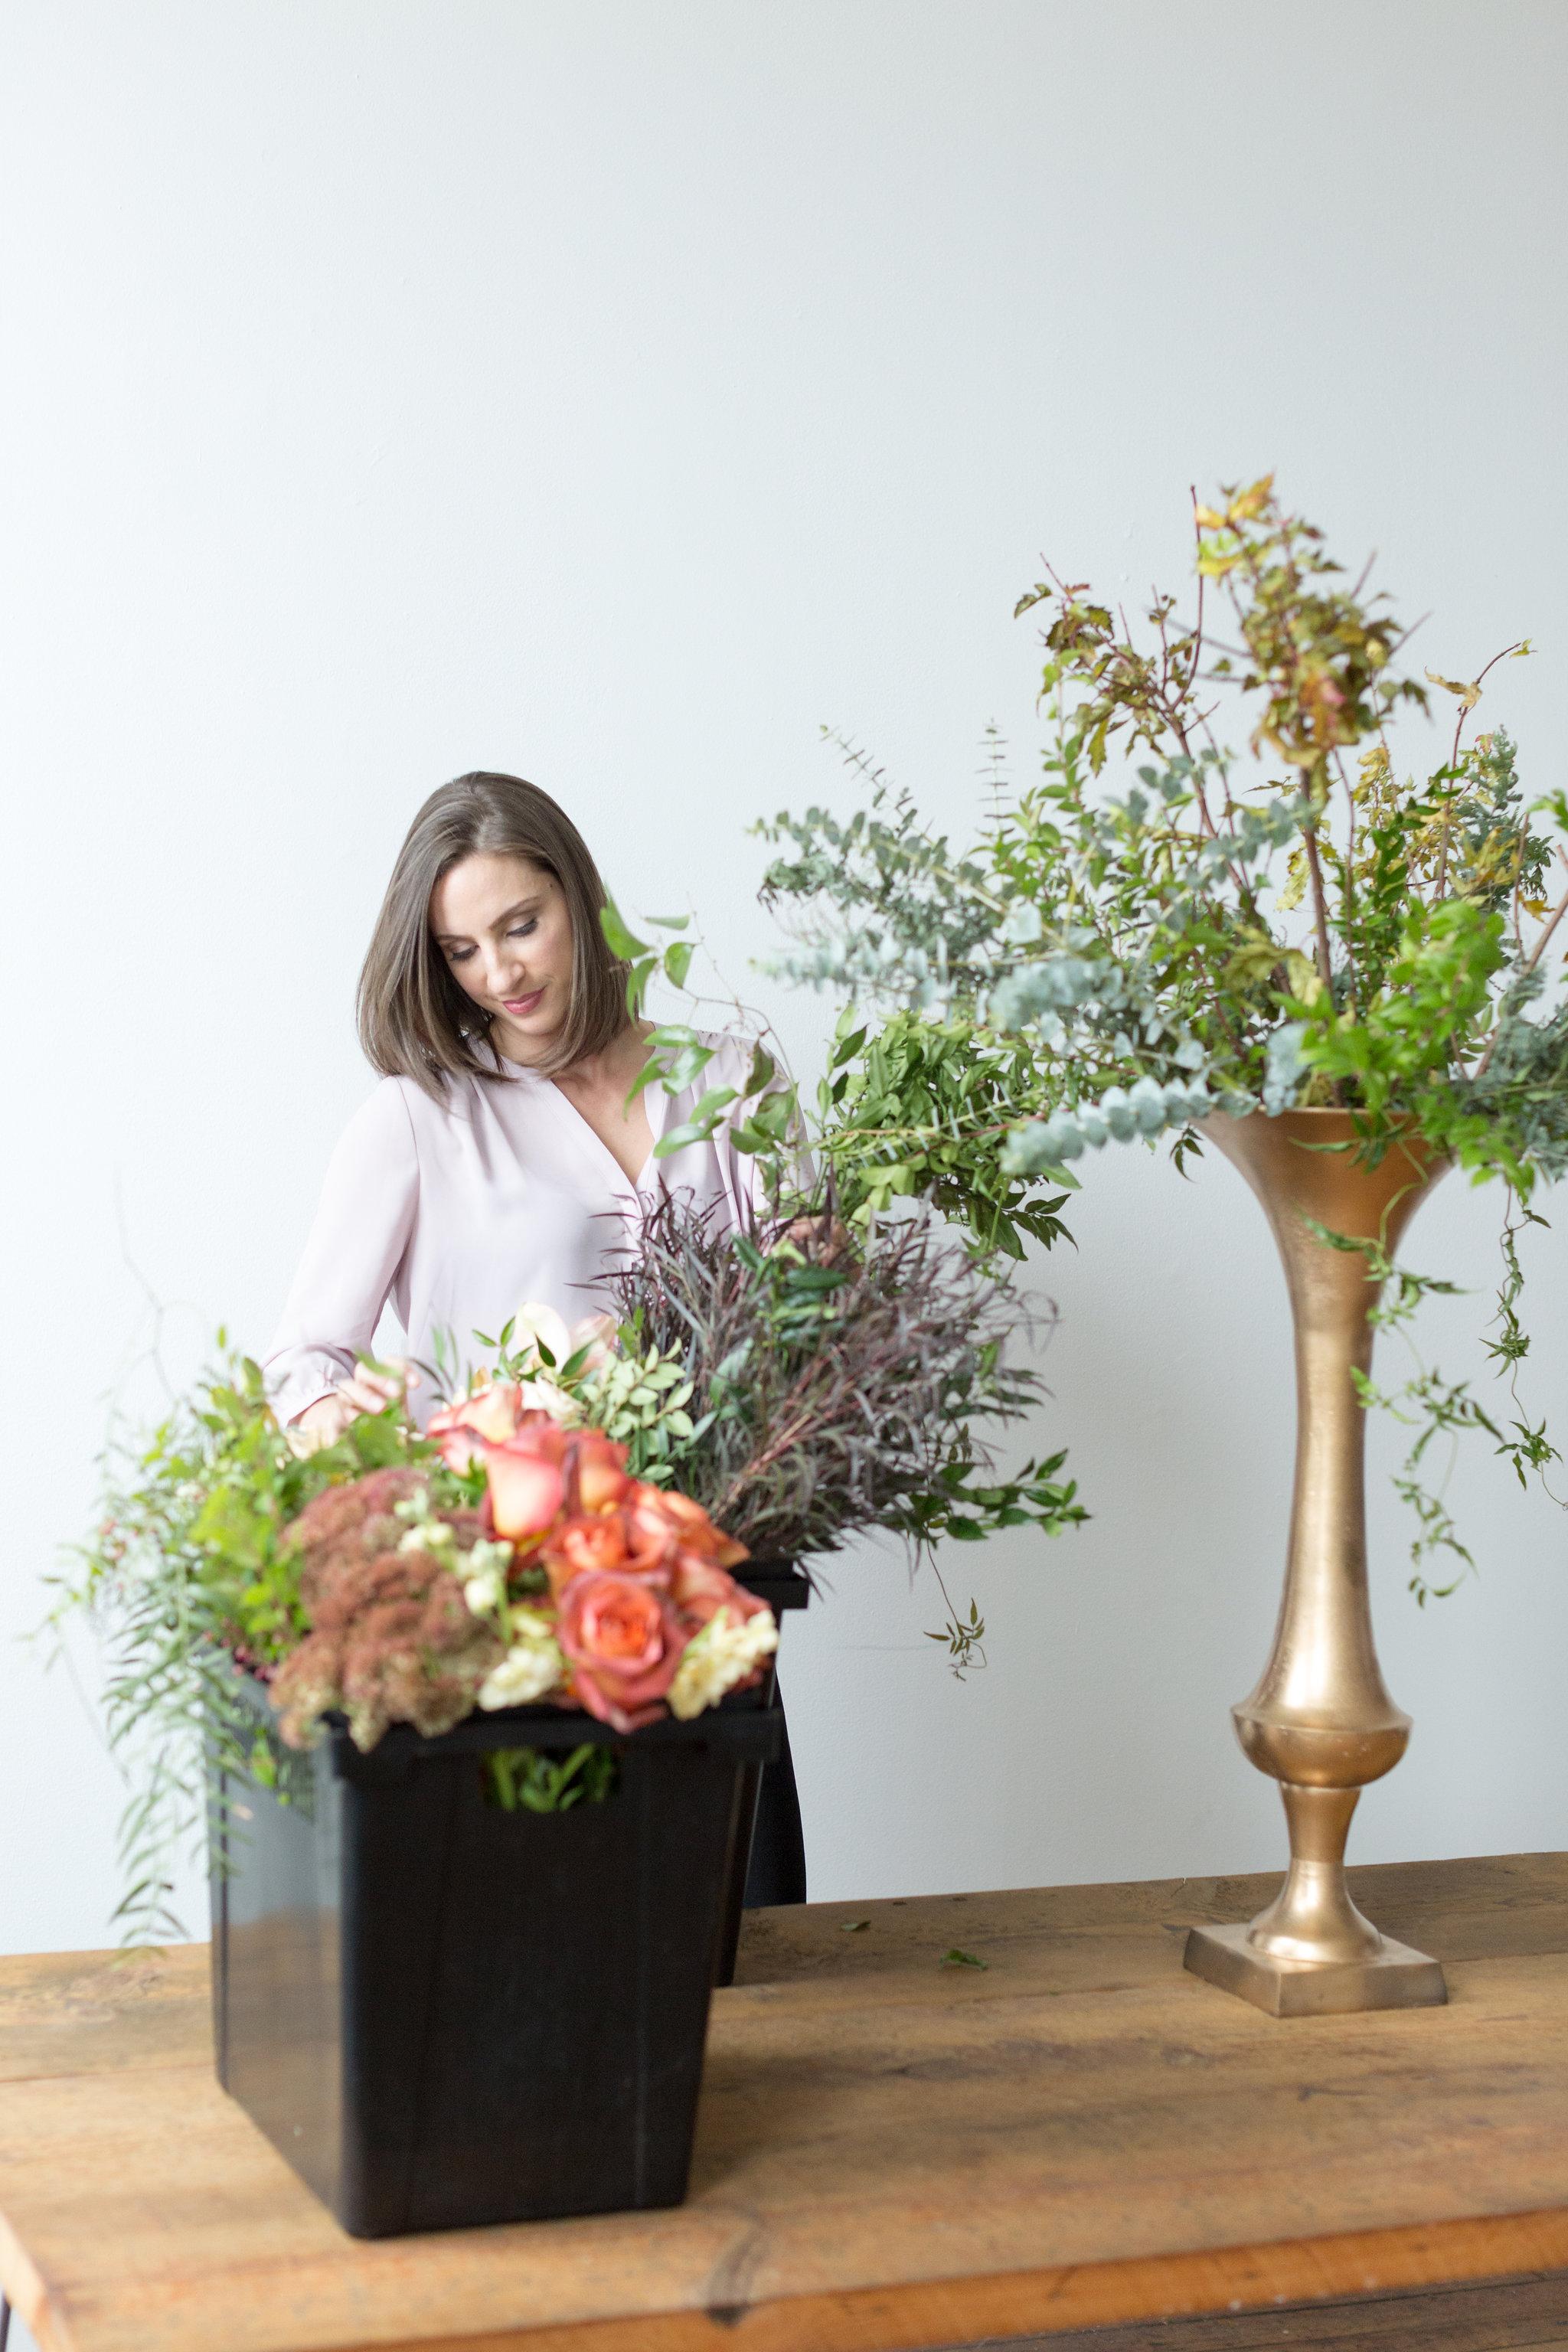 La-Rue-Floral-081.jpg